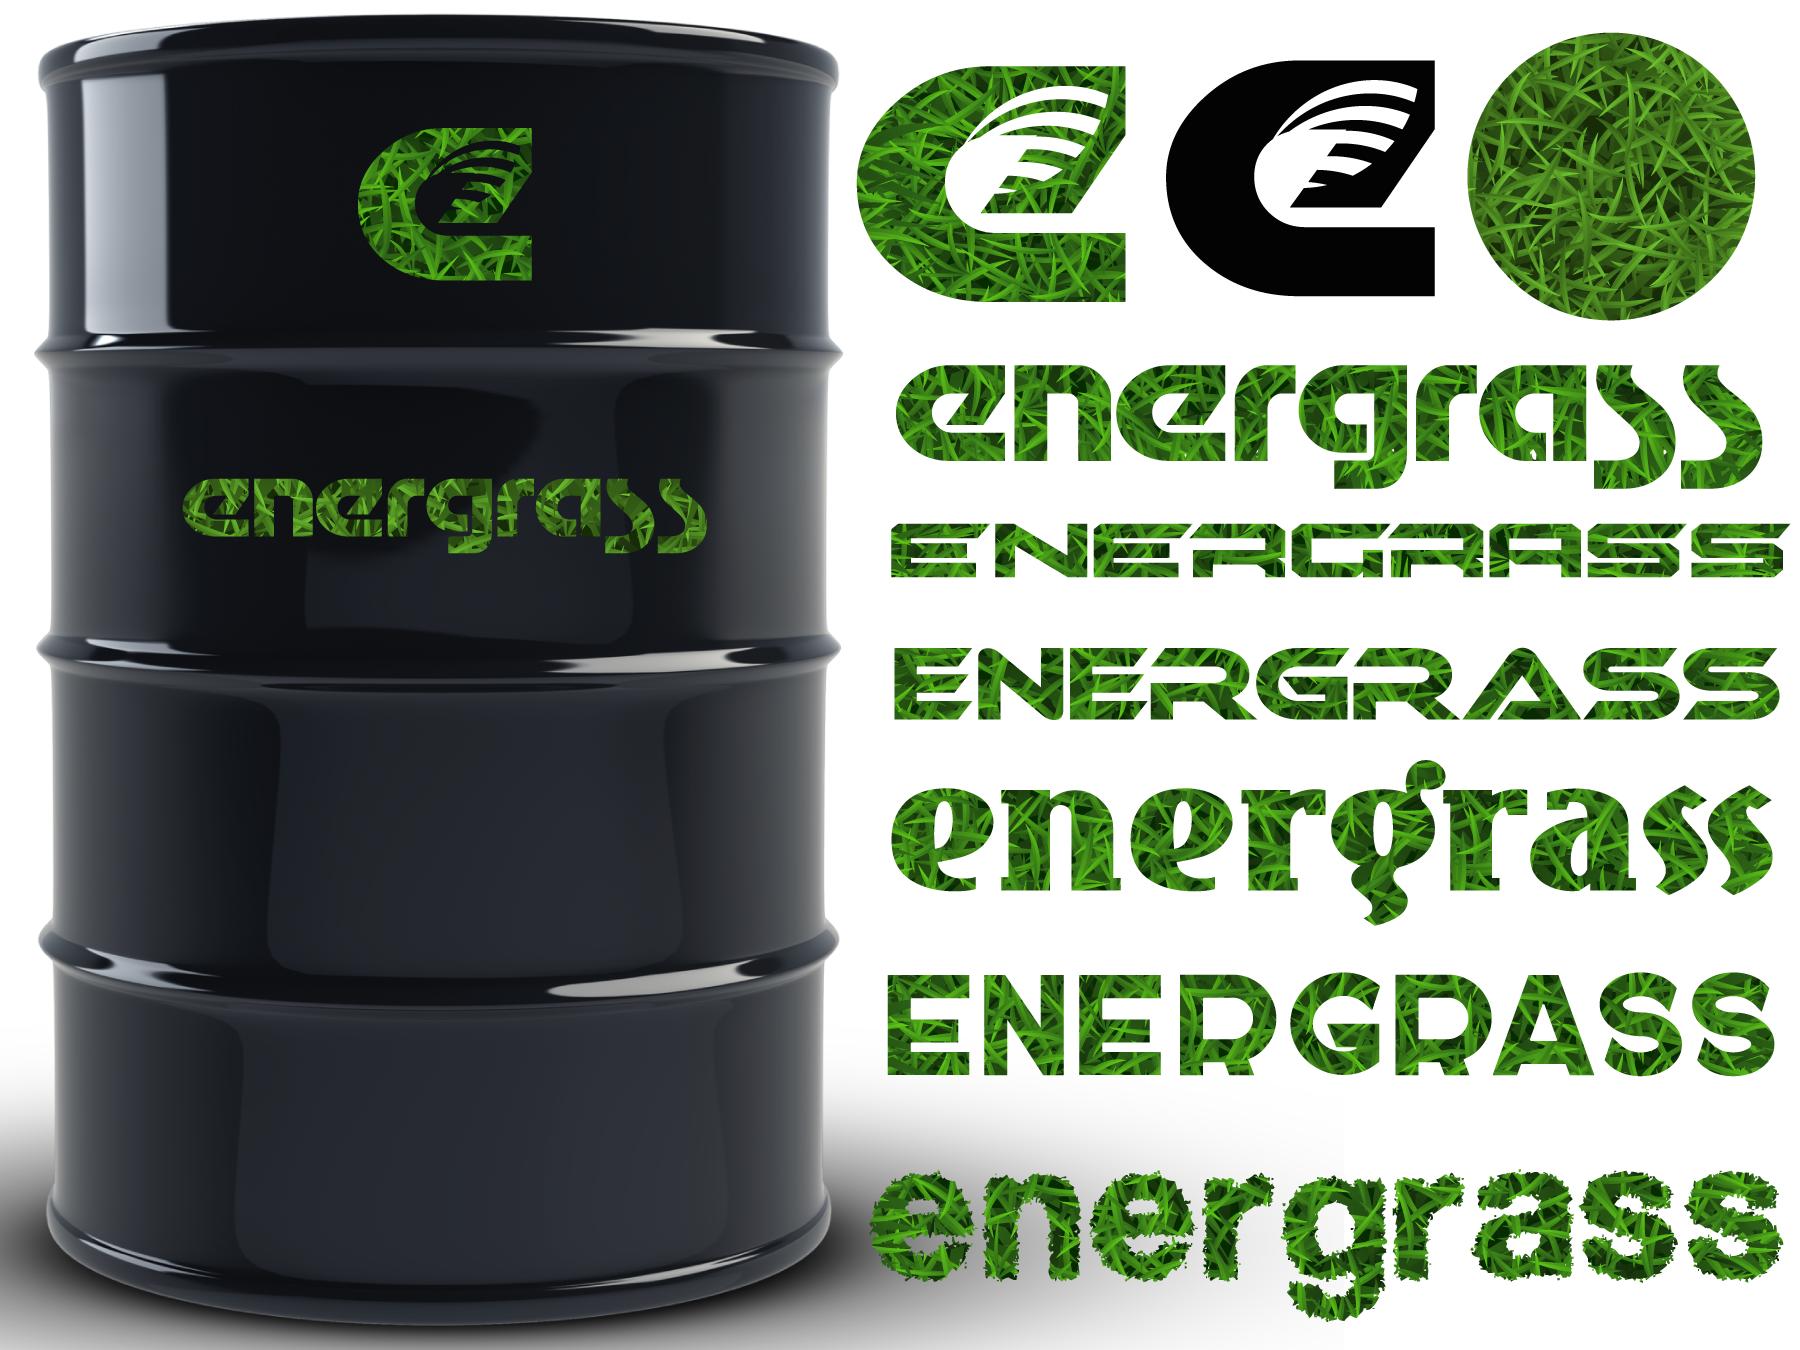 Графический дизайнер для создания логотипа Energrass. фото f_6865f903f681c52f.png